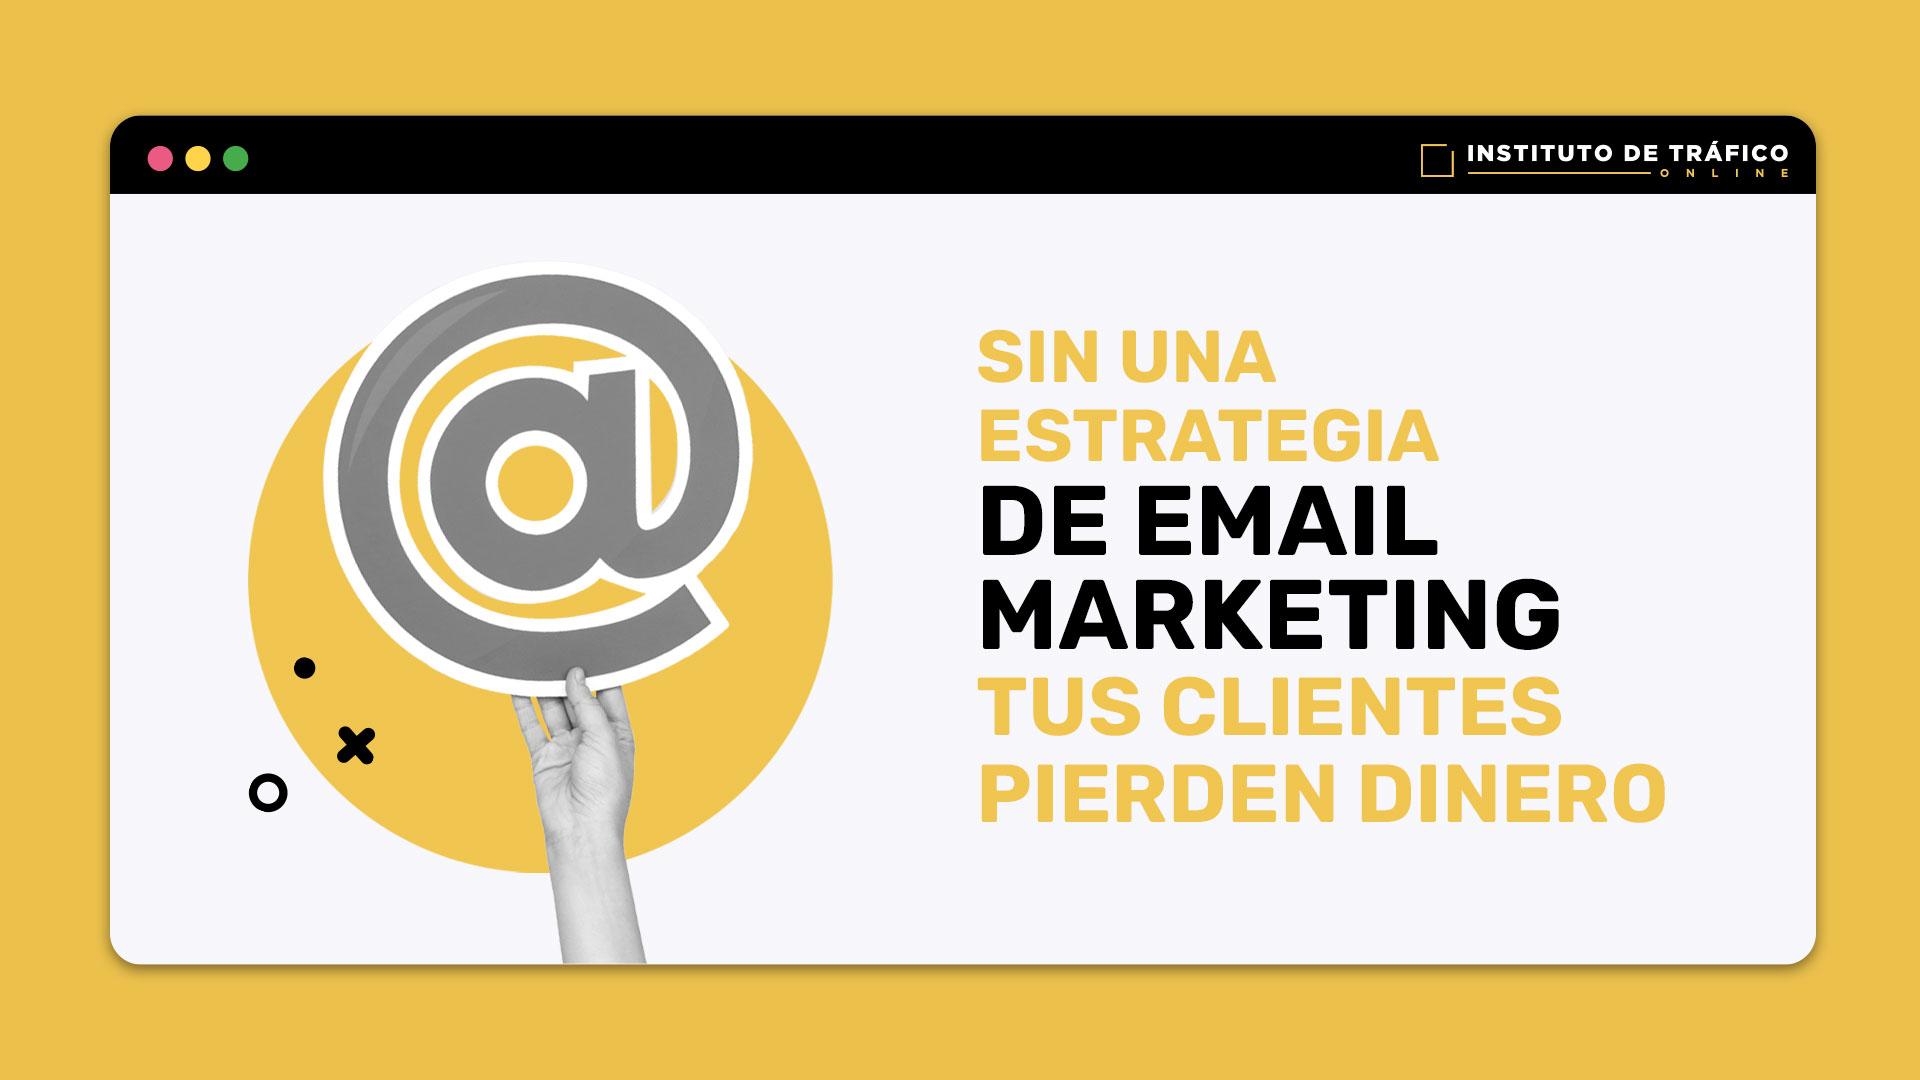 Portada del post sobre estrategia de email marketing